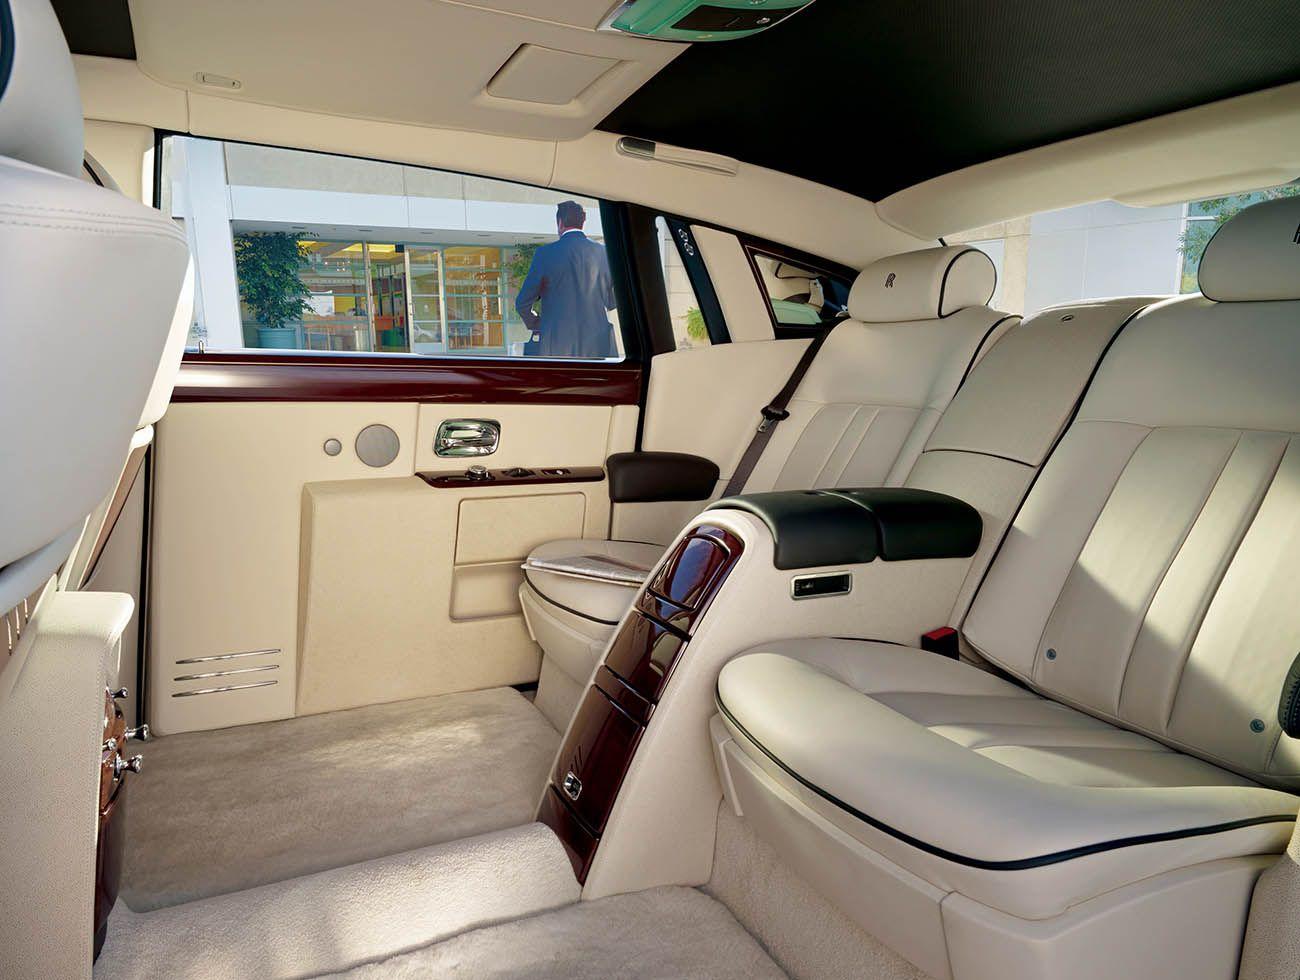 رولز رويس فانتوم السيدان الأفخم على الاطلاق موقع ويلز Rolls Royce Phantom Rolls Royce Cars Rolls Royce